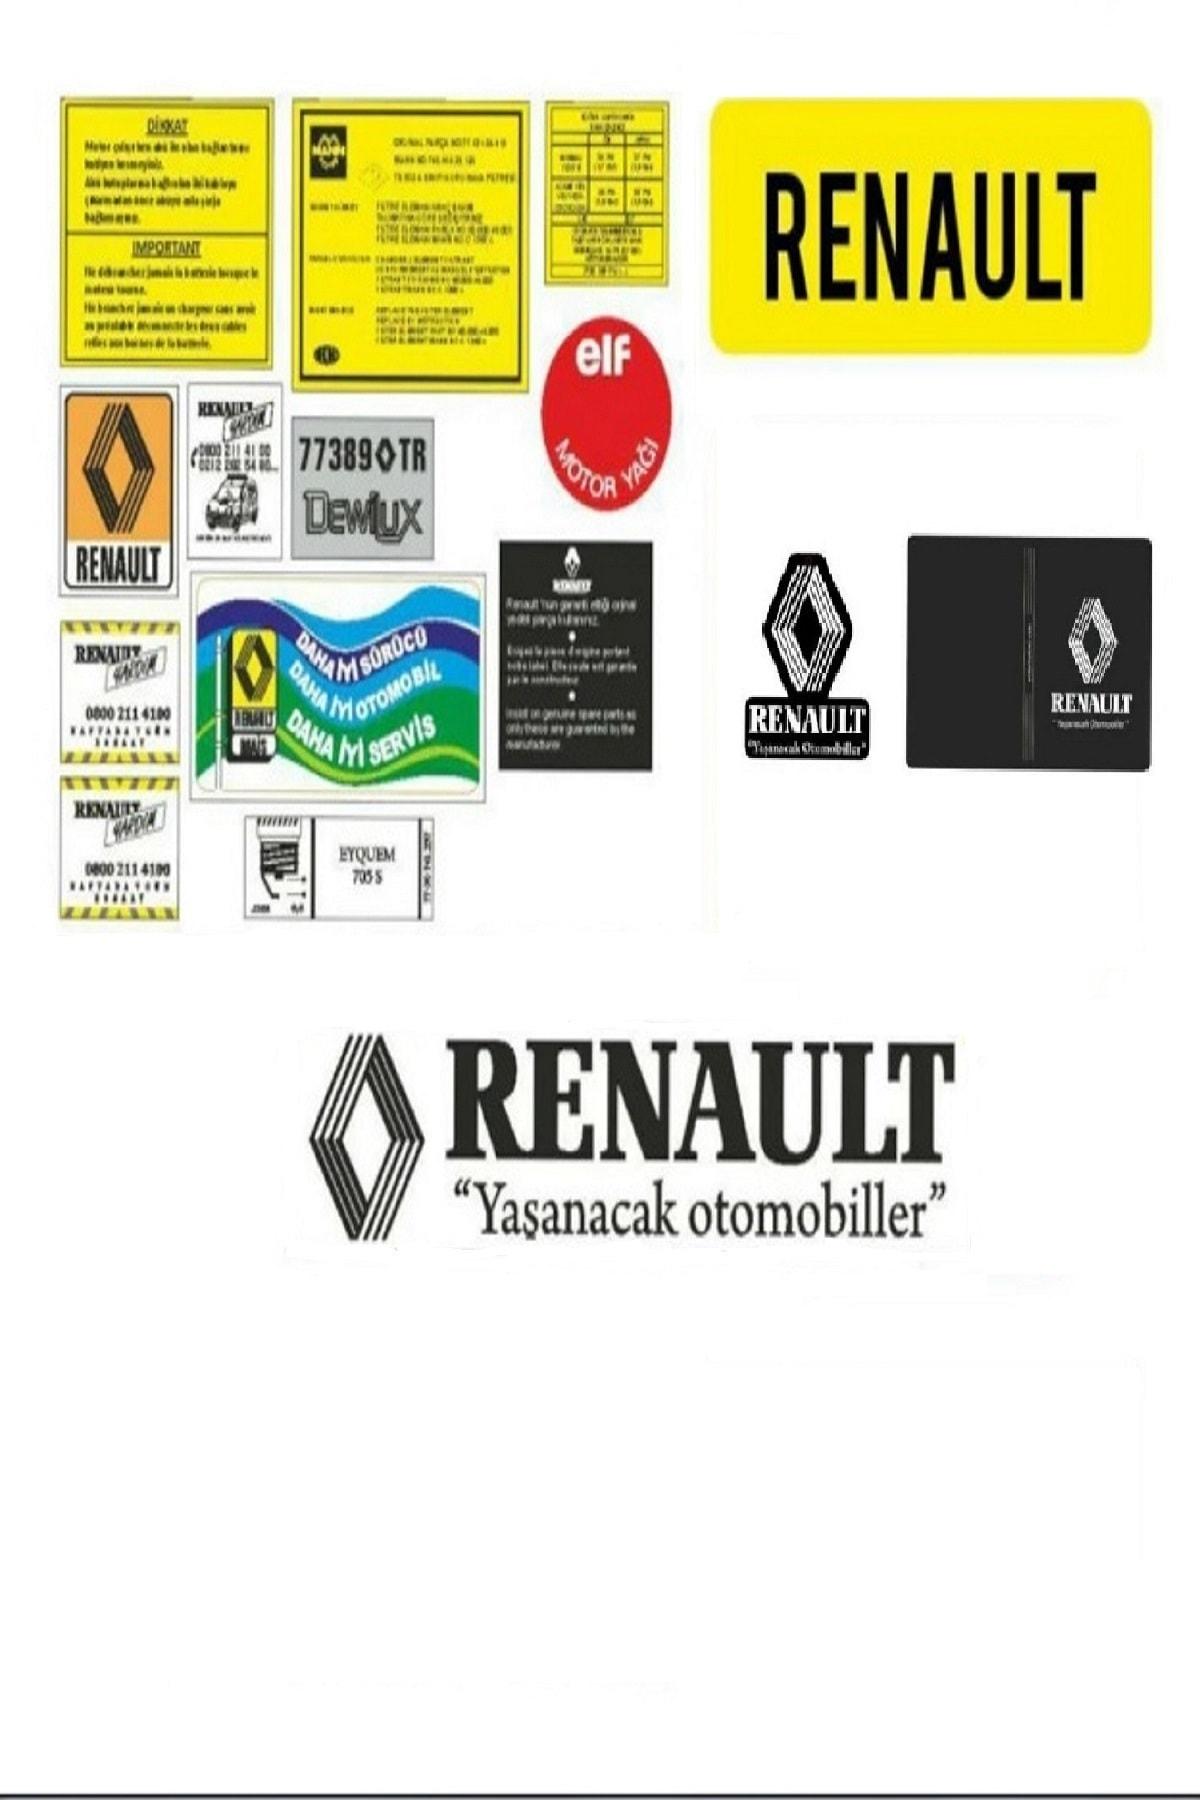 etikettakimi Renault Etiketleri 1